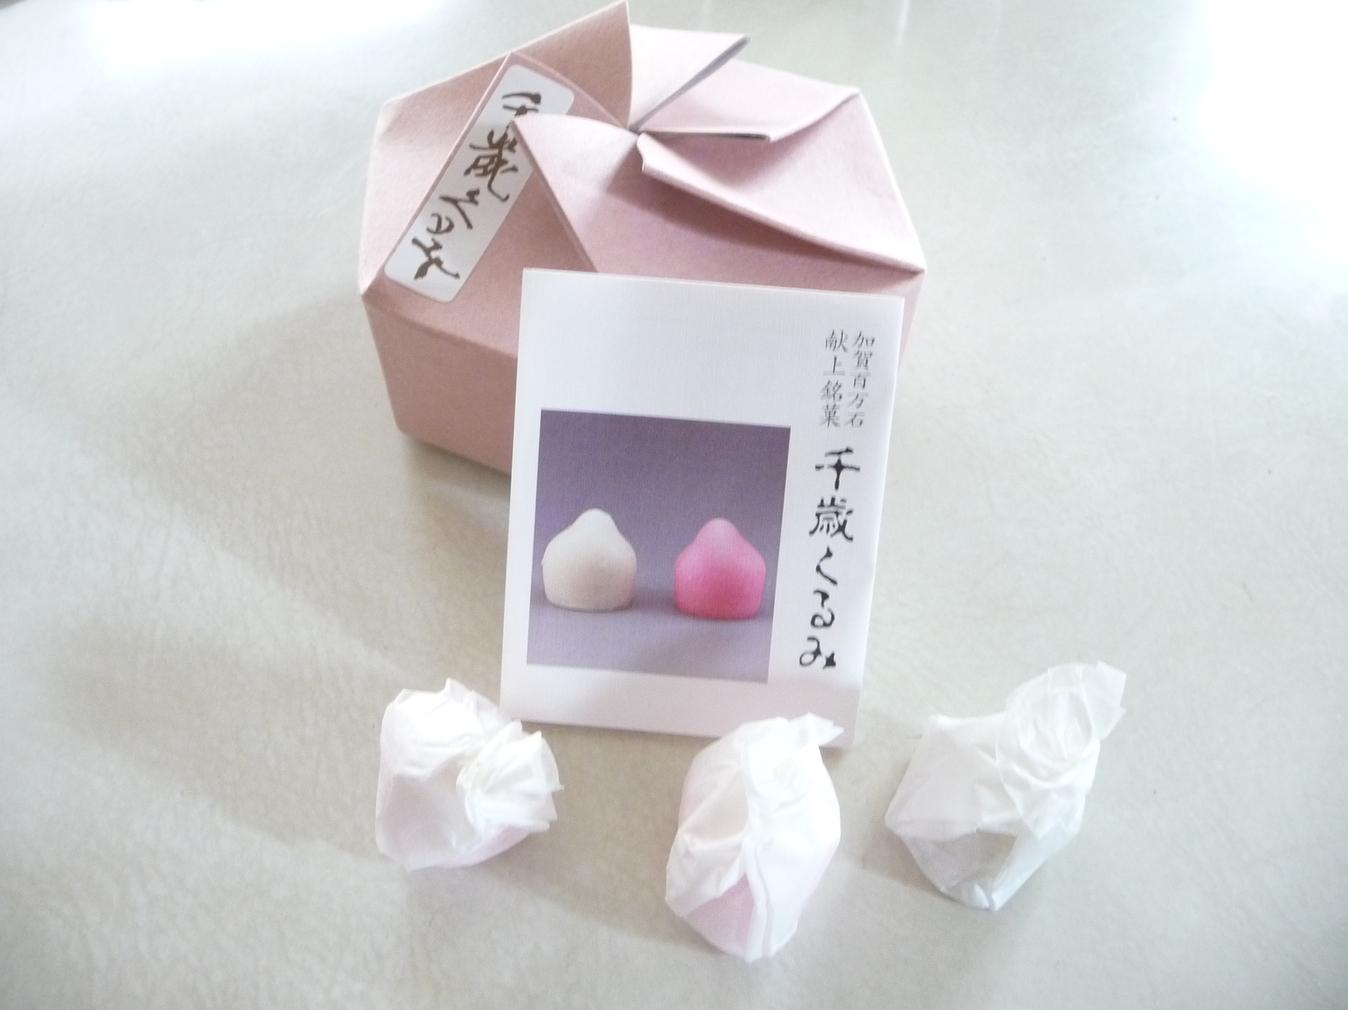 彩霞堂 本店